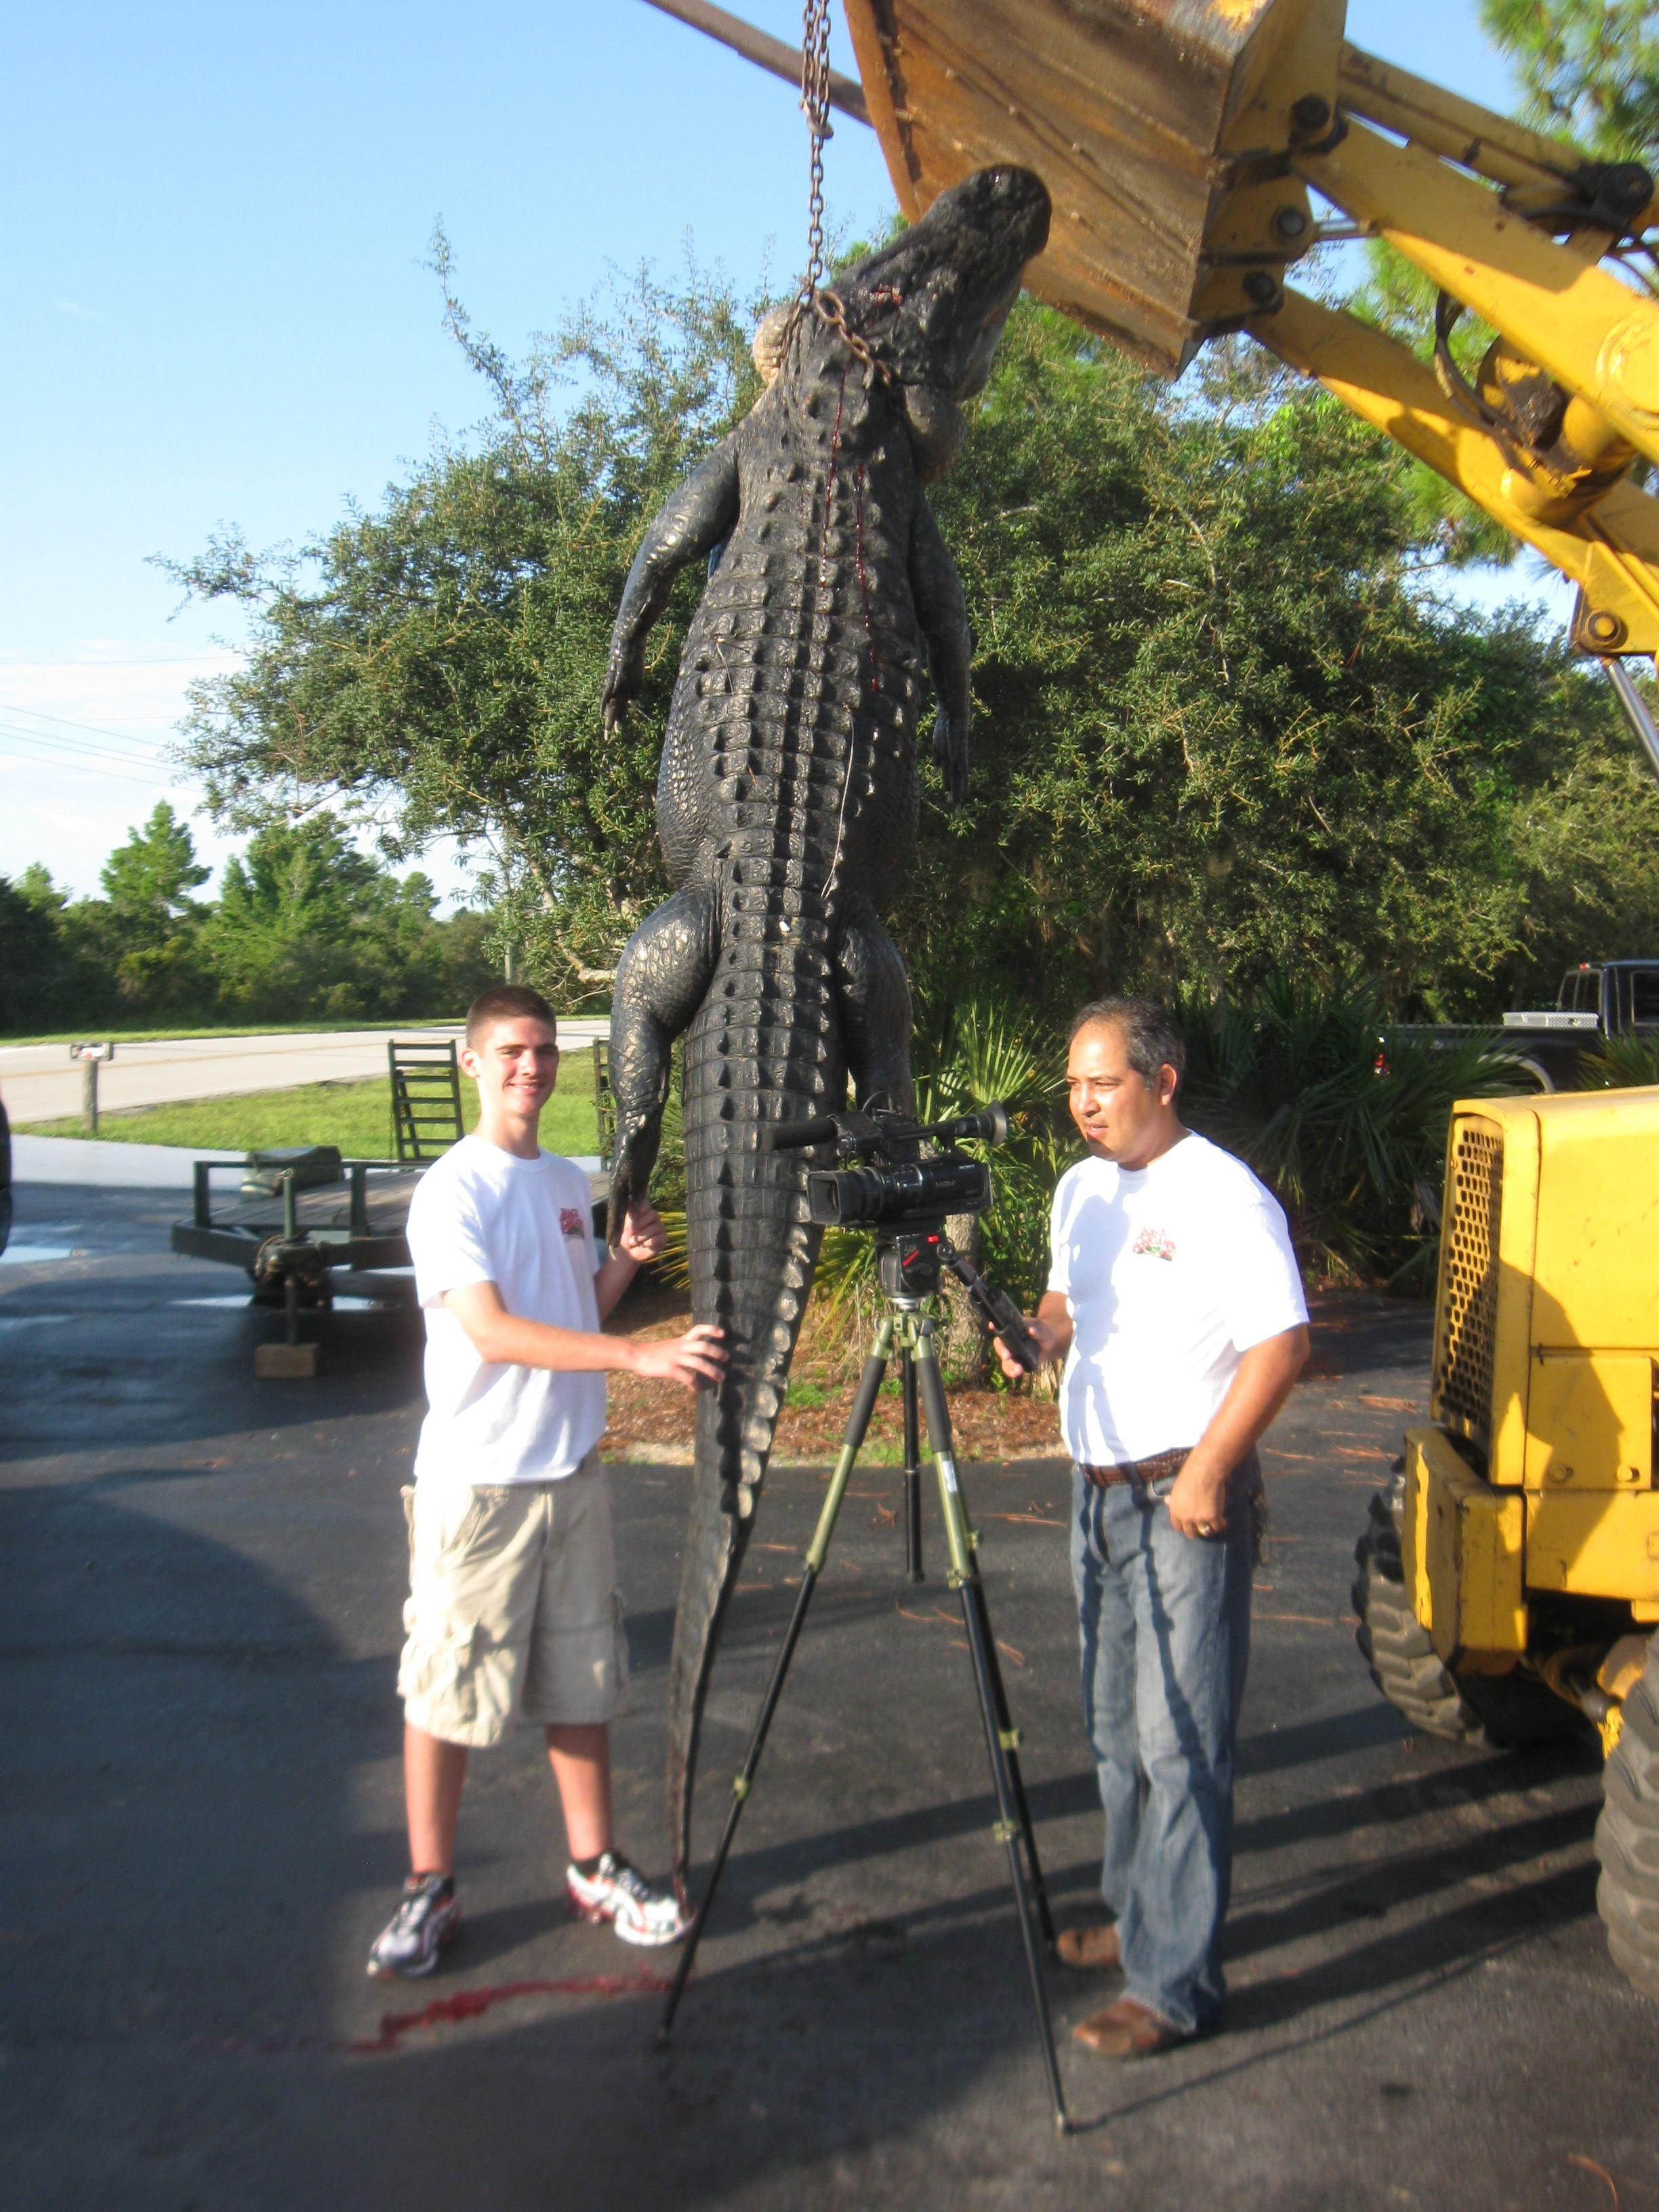 Stuart-Alligator-Hunting-Guides.JPG